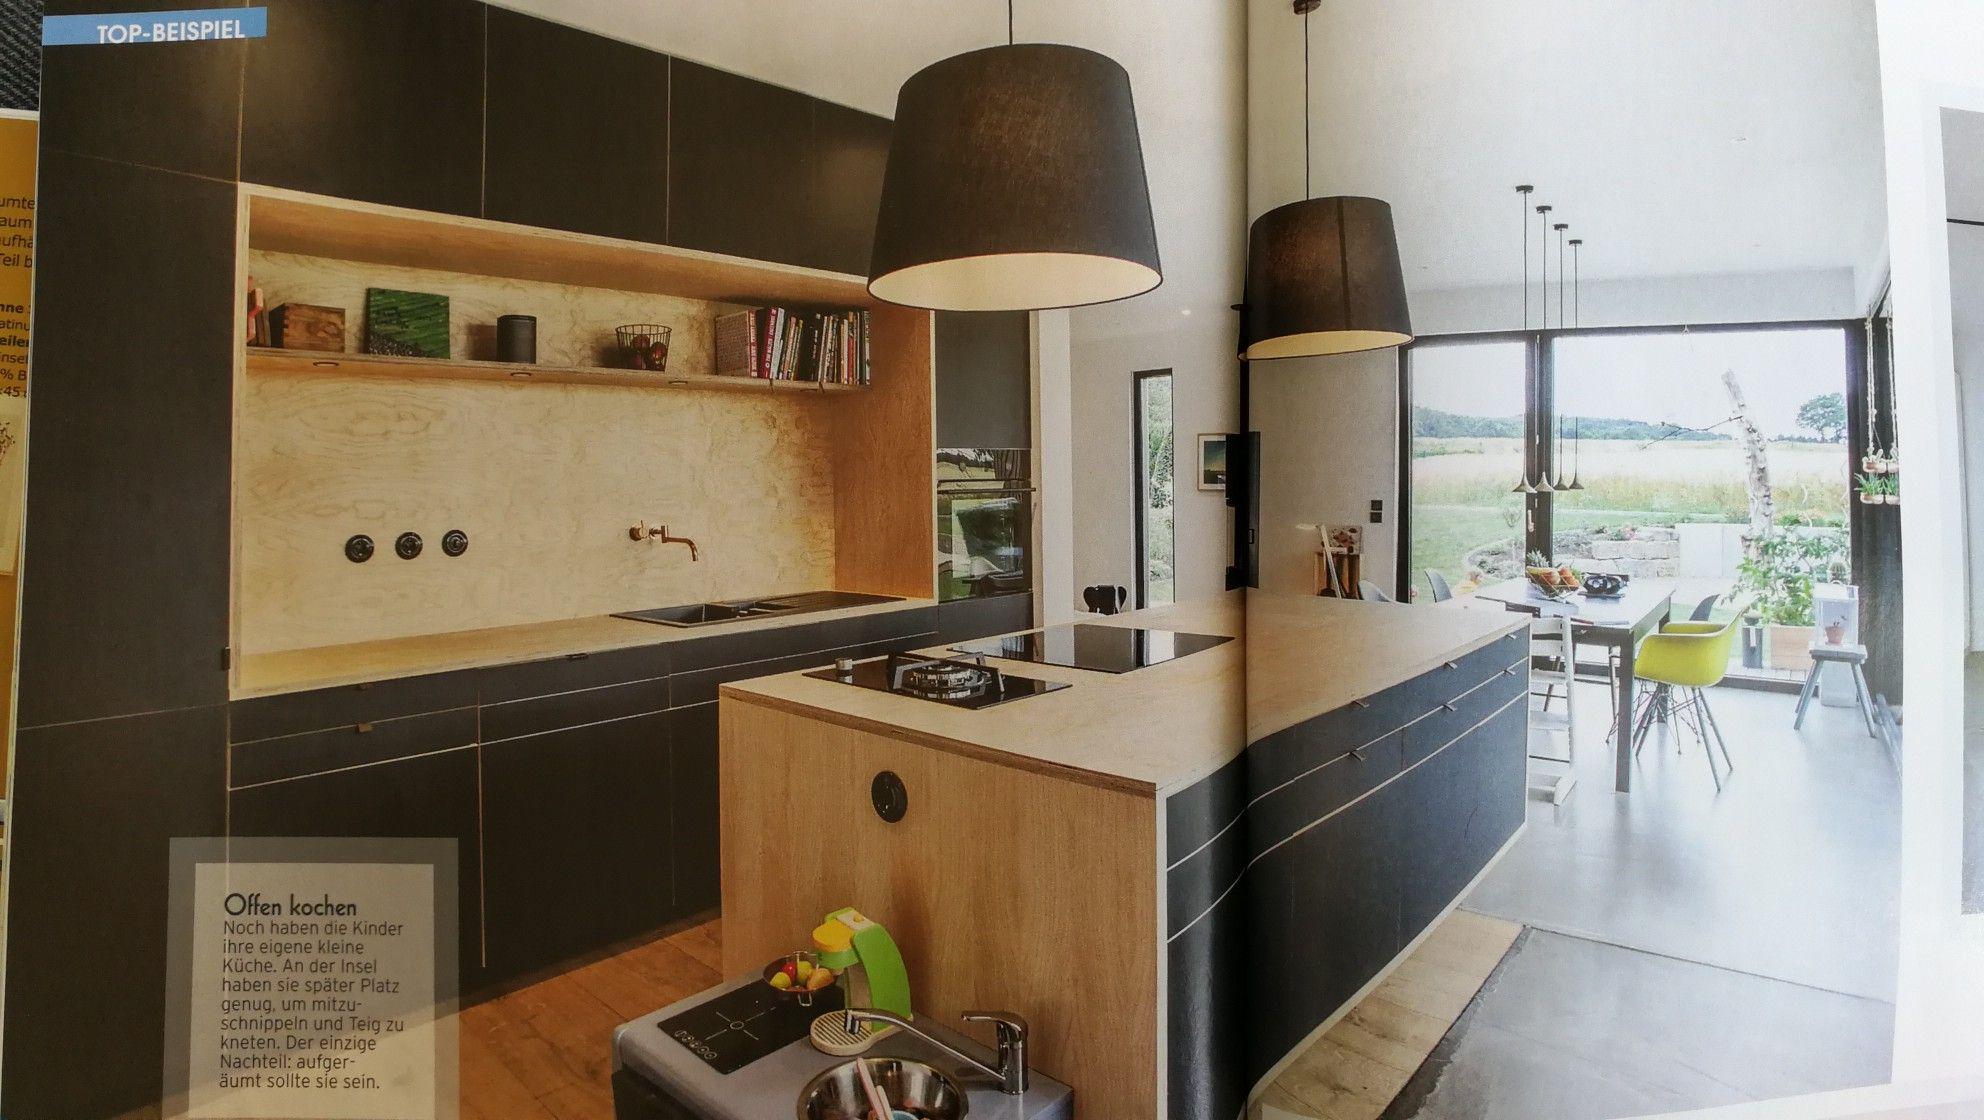 Nett Farbe ändern Meine Küchenschränke Bilder - Ideen Für Die Küche ...